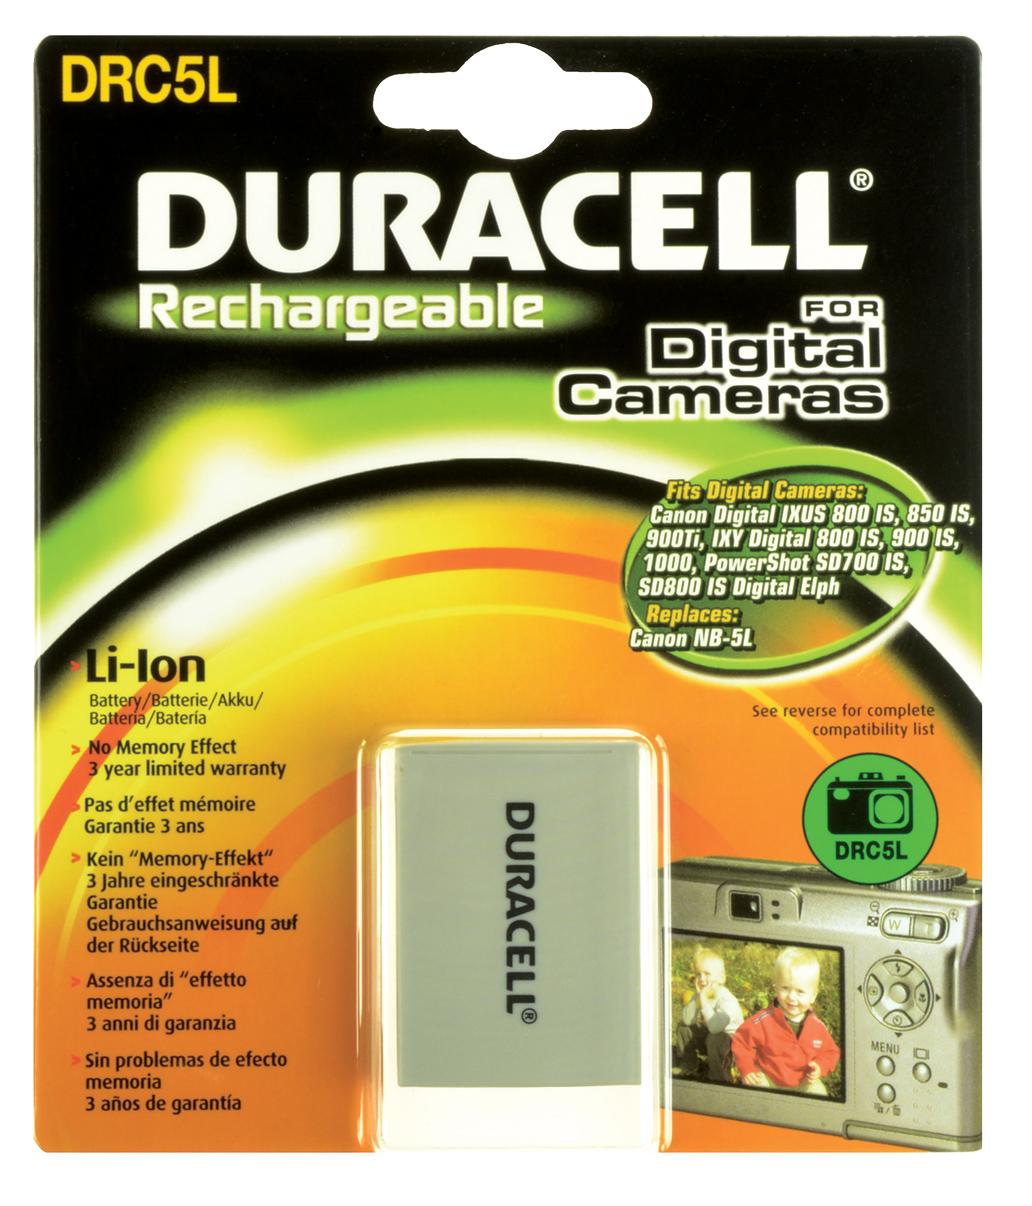 Baterie do fotoaparátu Canon PowerShot SD950 IS/SD970/SD970 IS/SD990 IS/SX200/SX200 IS/SX210 IS/SX220/SX220 HS/SX230 HS/SD700 IS/SD790 IS/SD800,…